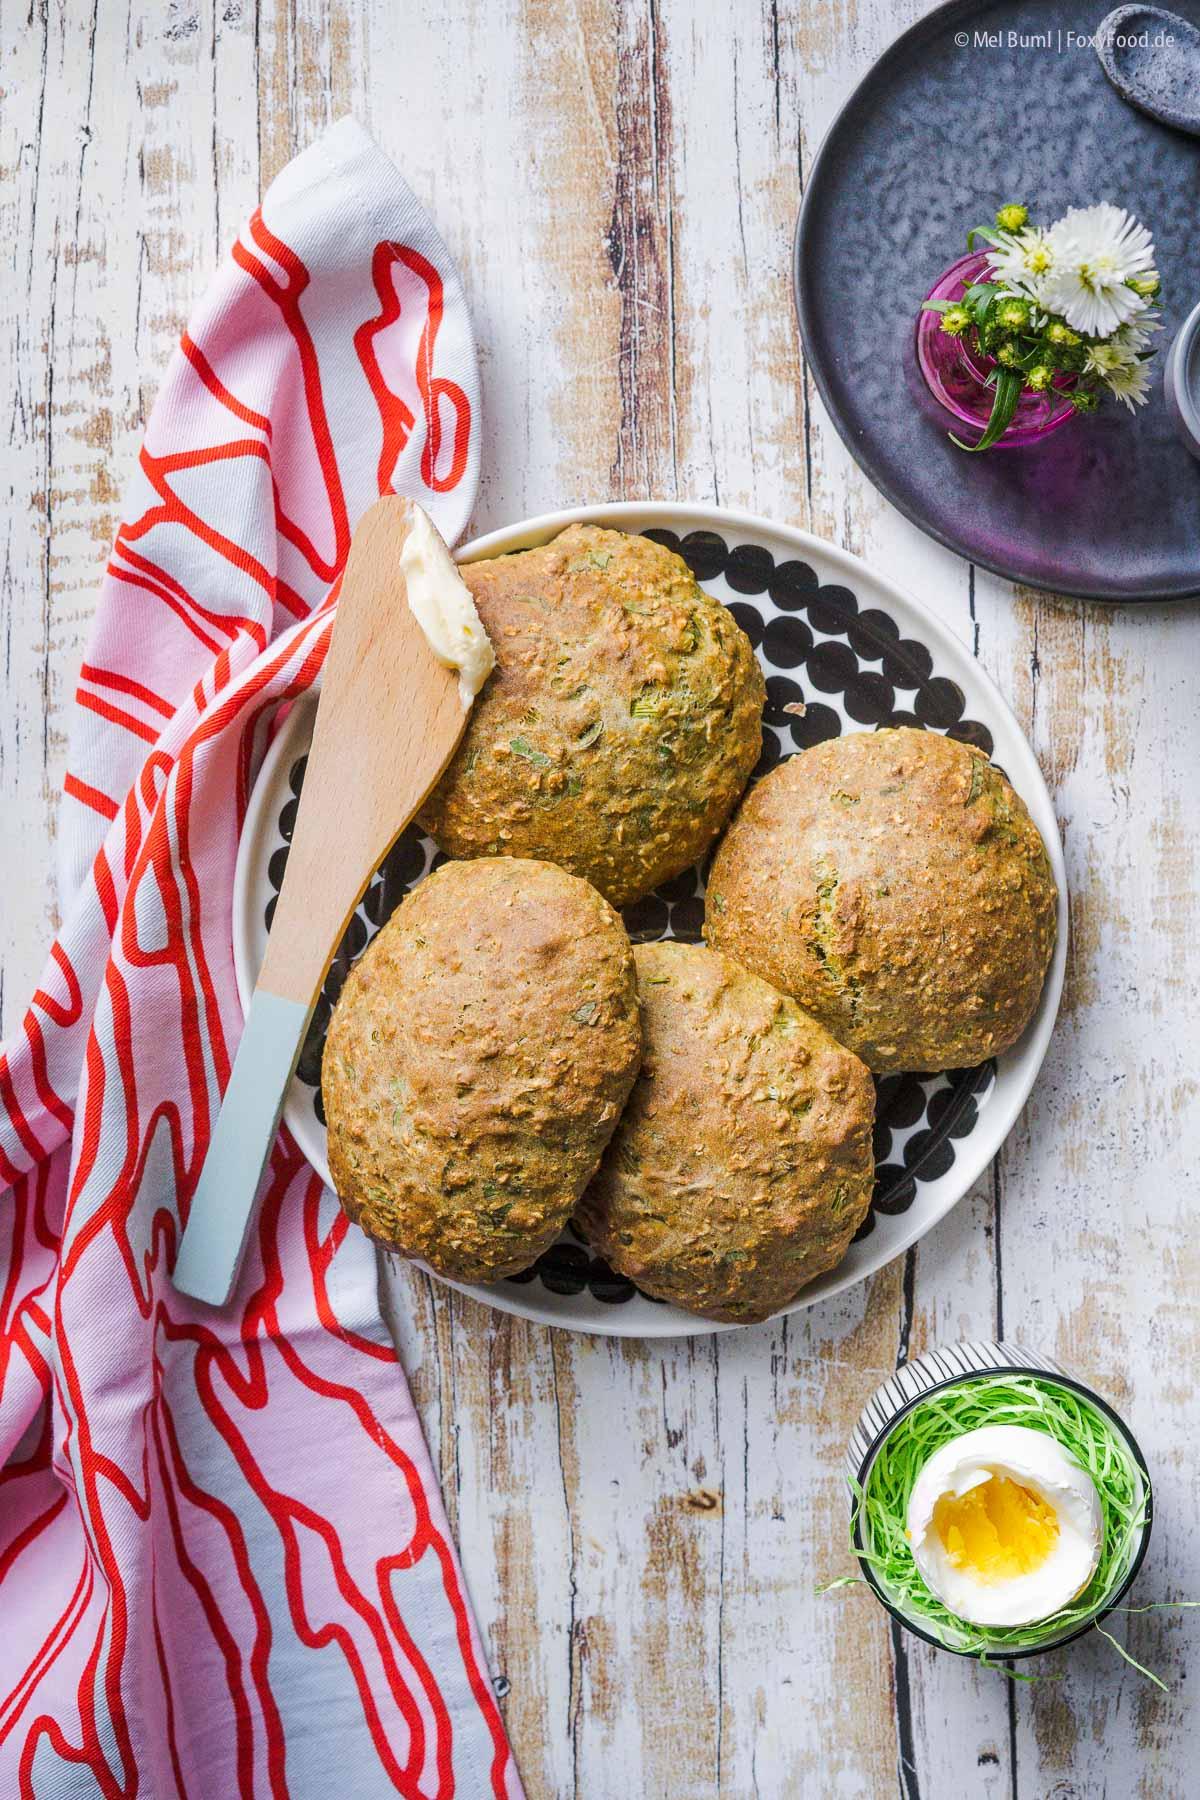 Bärlauch- Buttermilch - Brötchen in 25 Minuten kross und duftend aus dem Ofen  FoxyFood.de